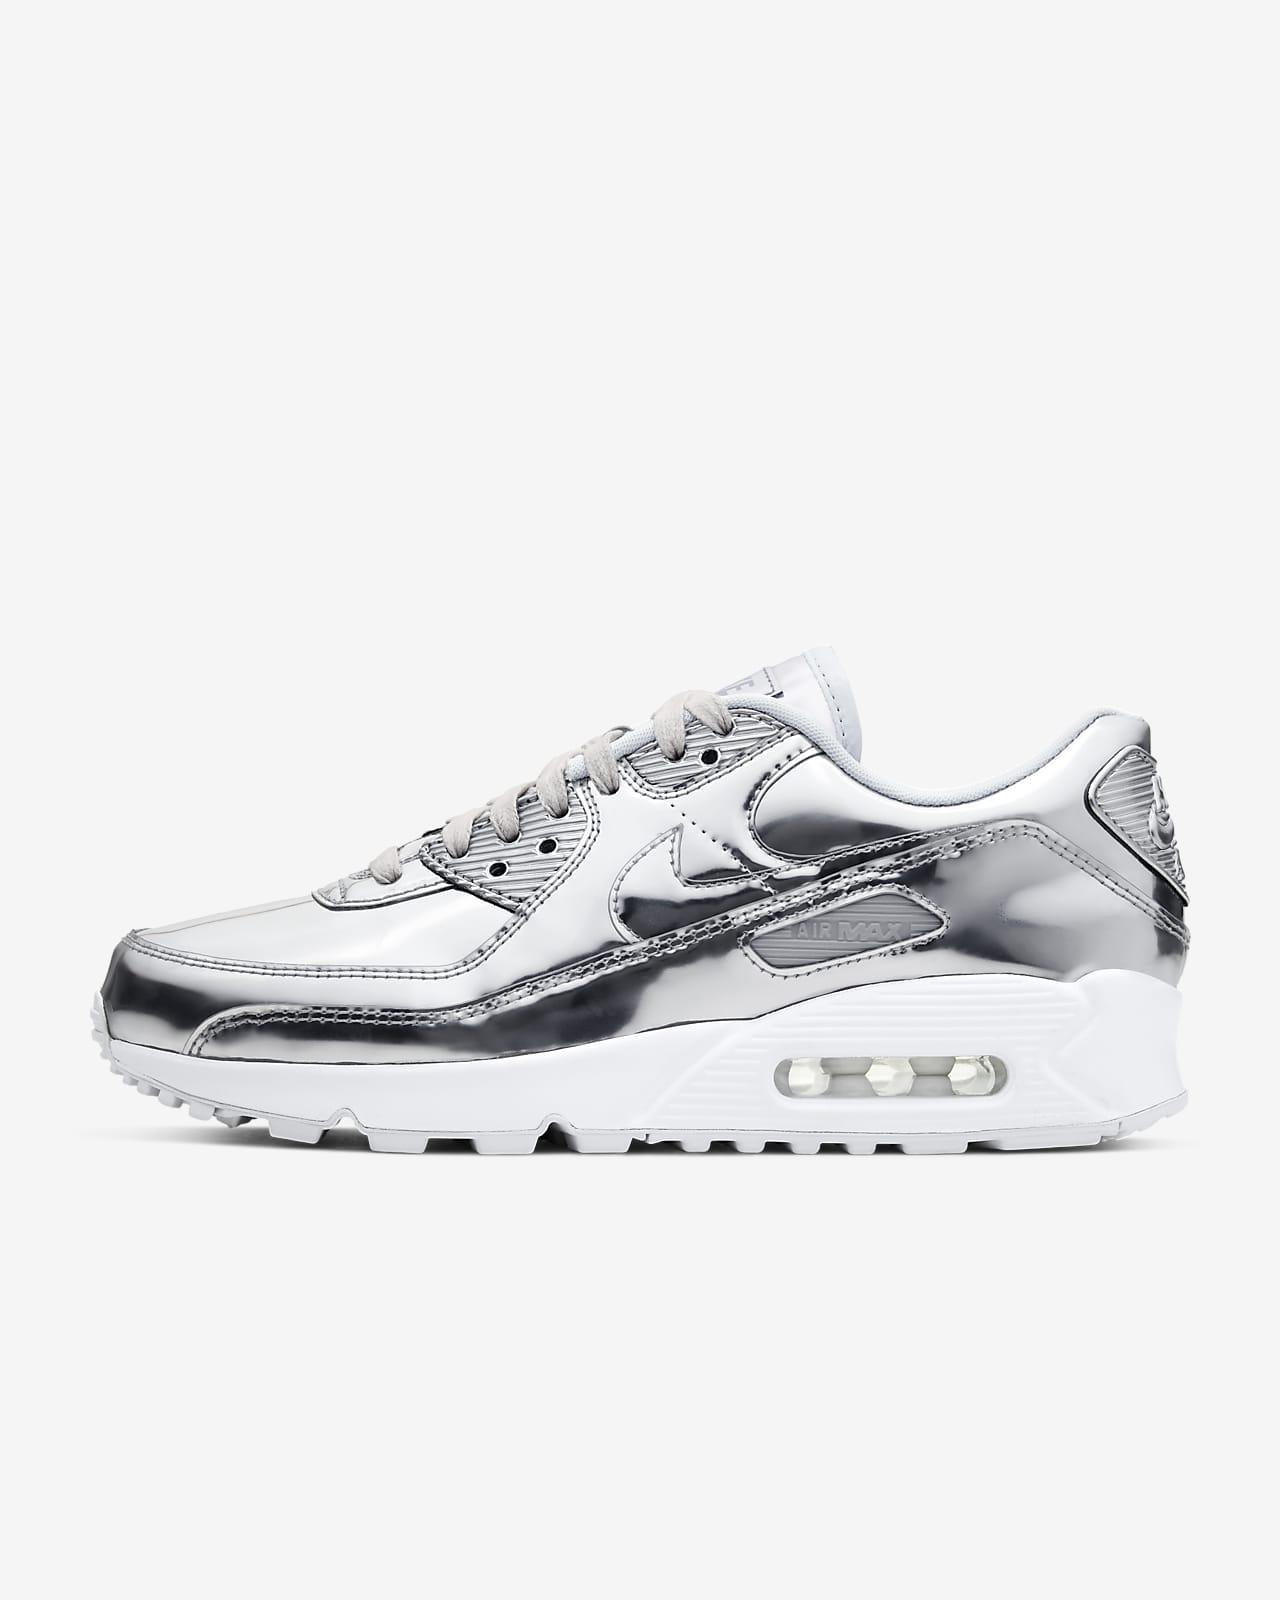 Παπούτσι Nike Air Max 90 SP